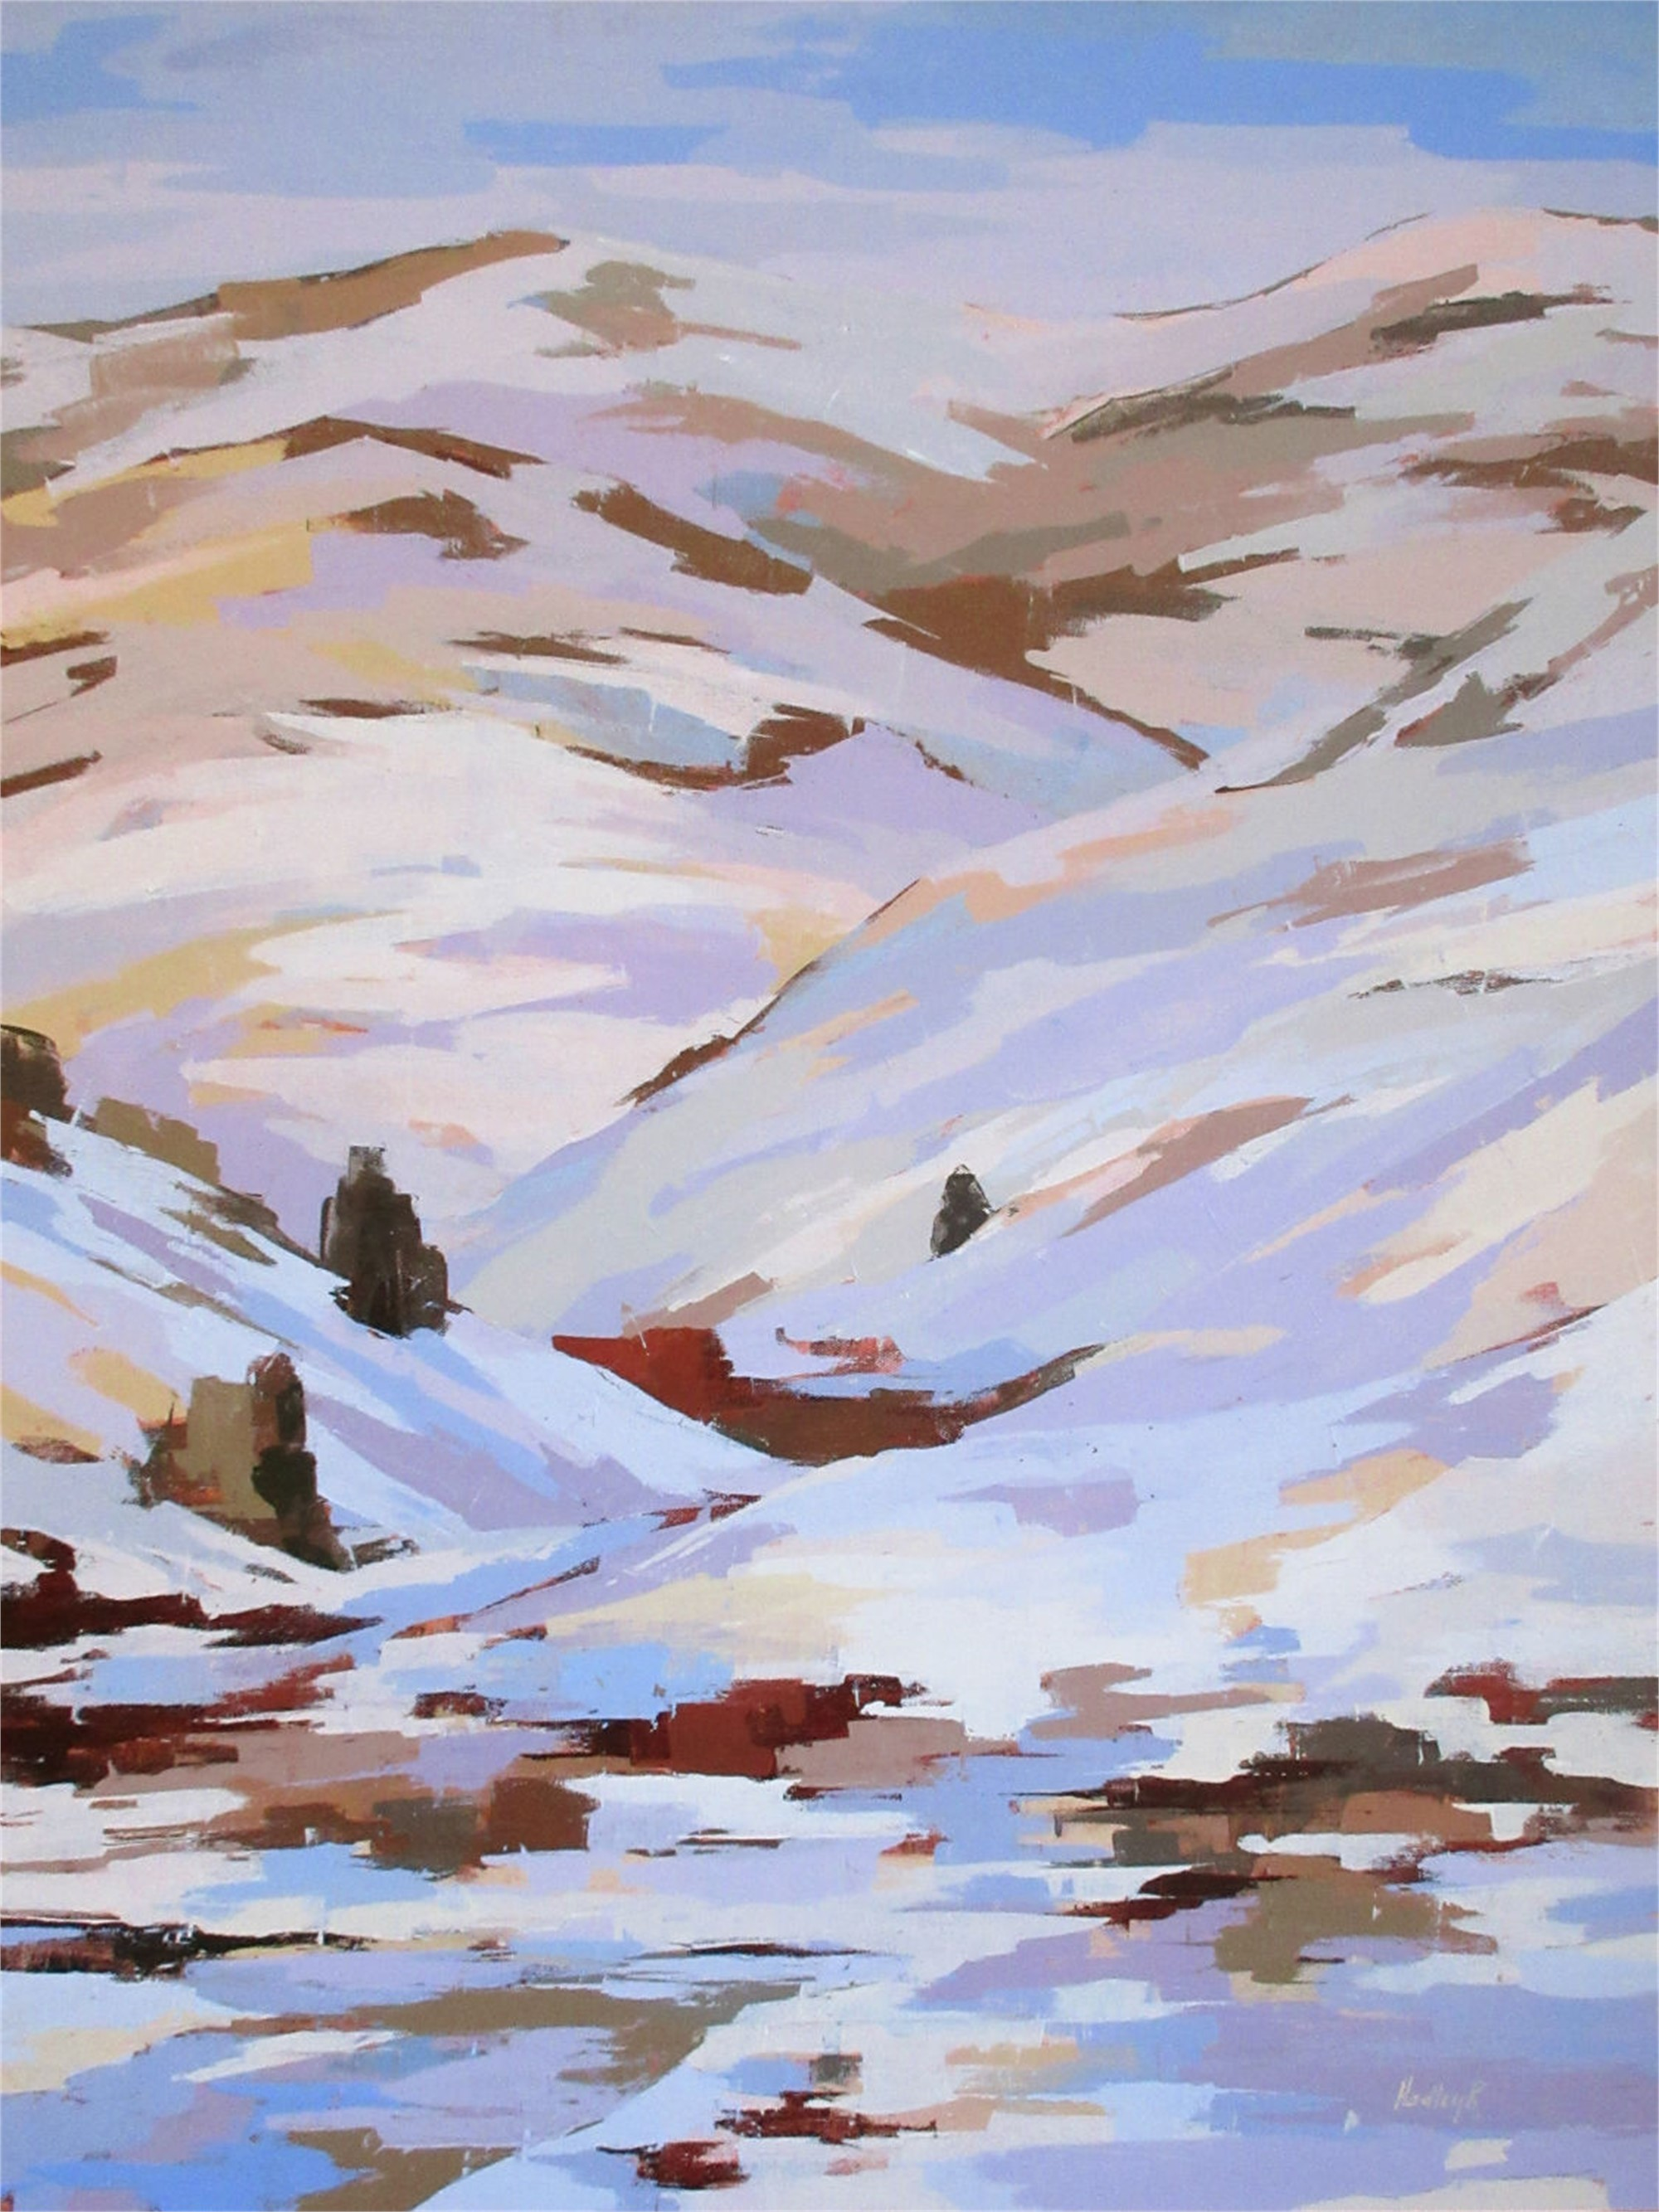 La Neve by Hadley Rampton